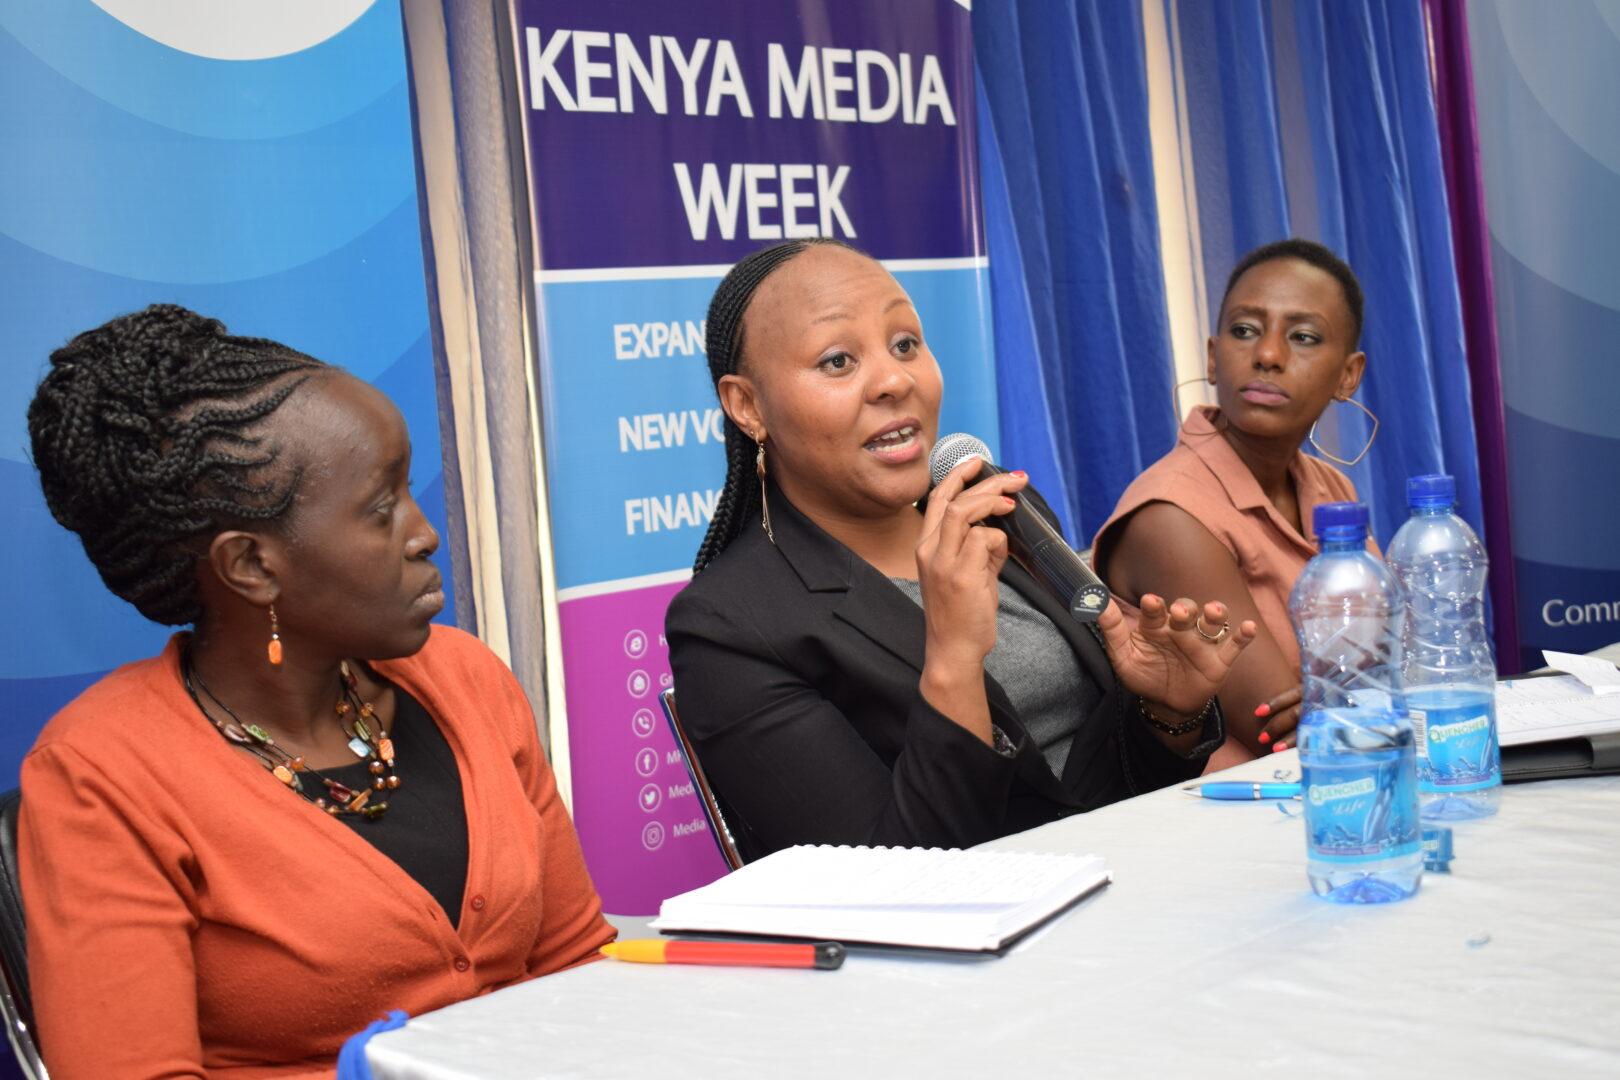 KENYA MEDIA WEEK 2018